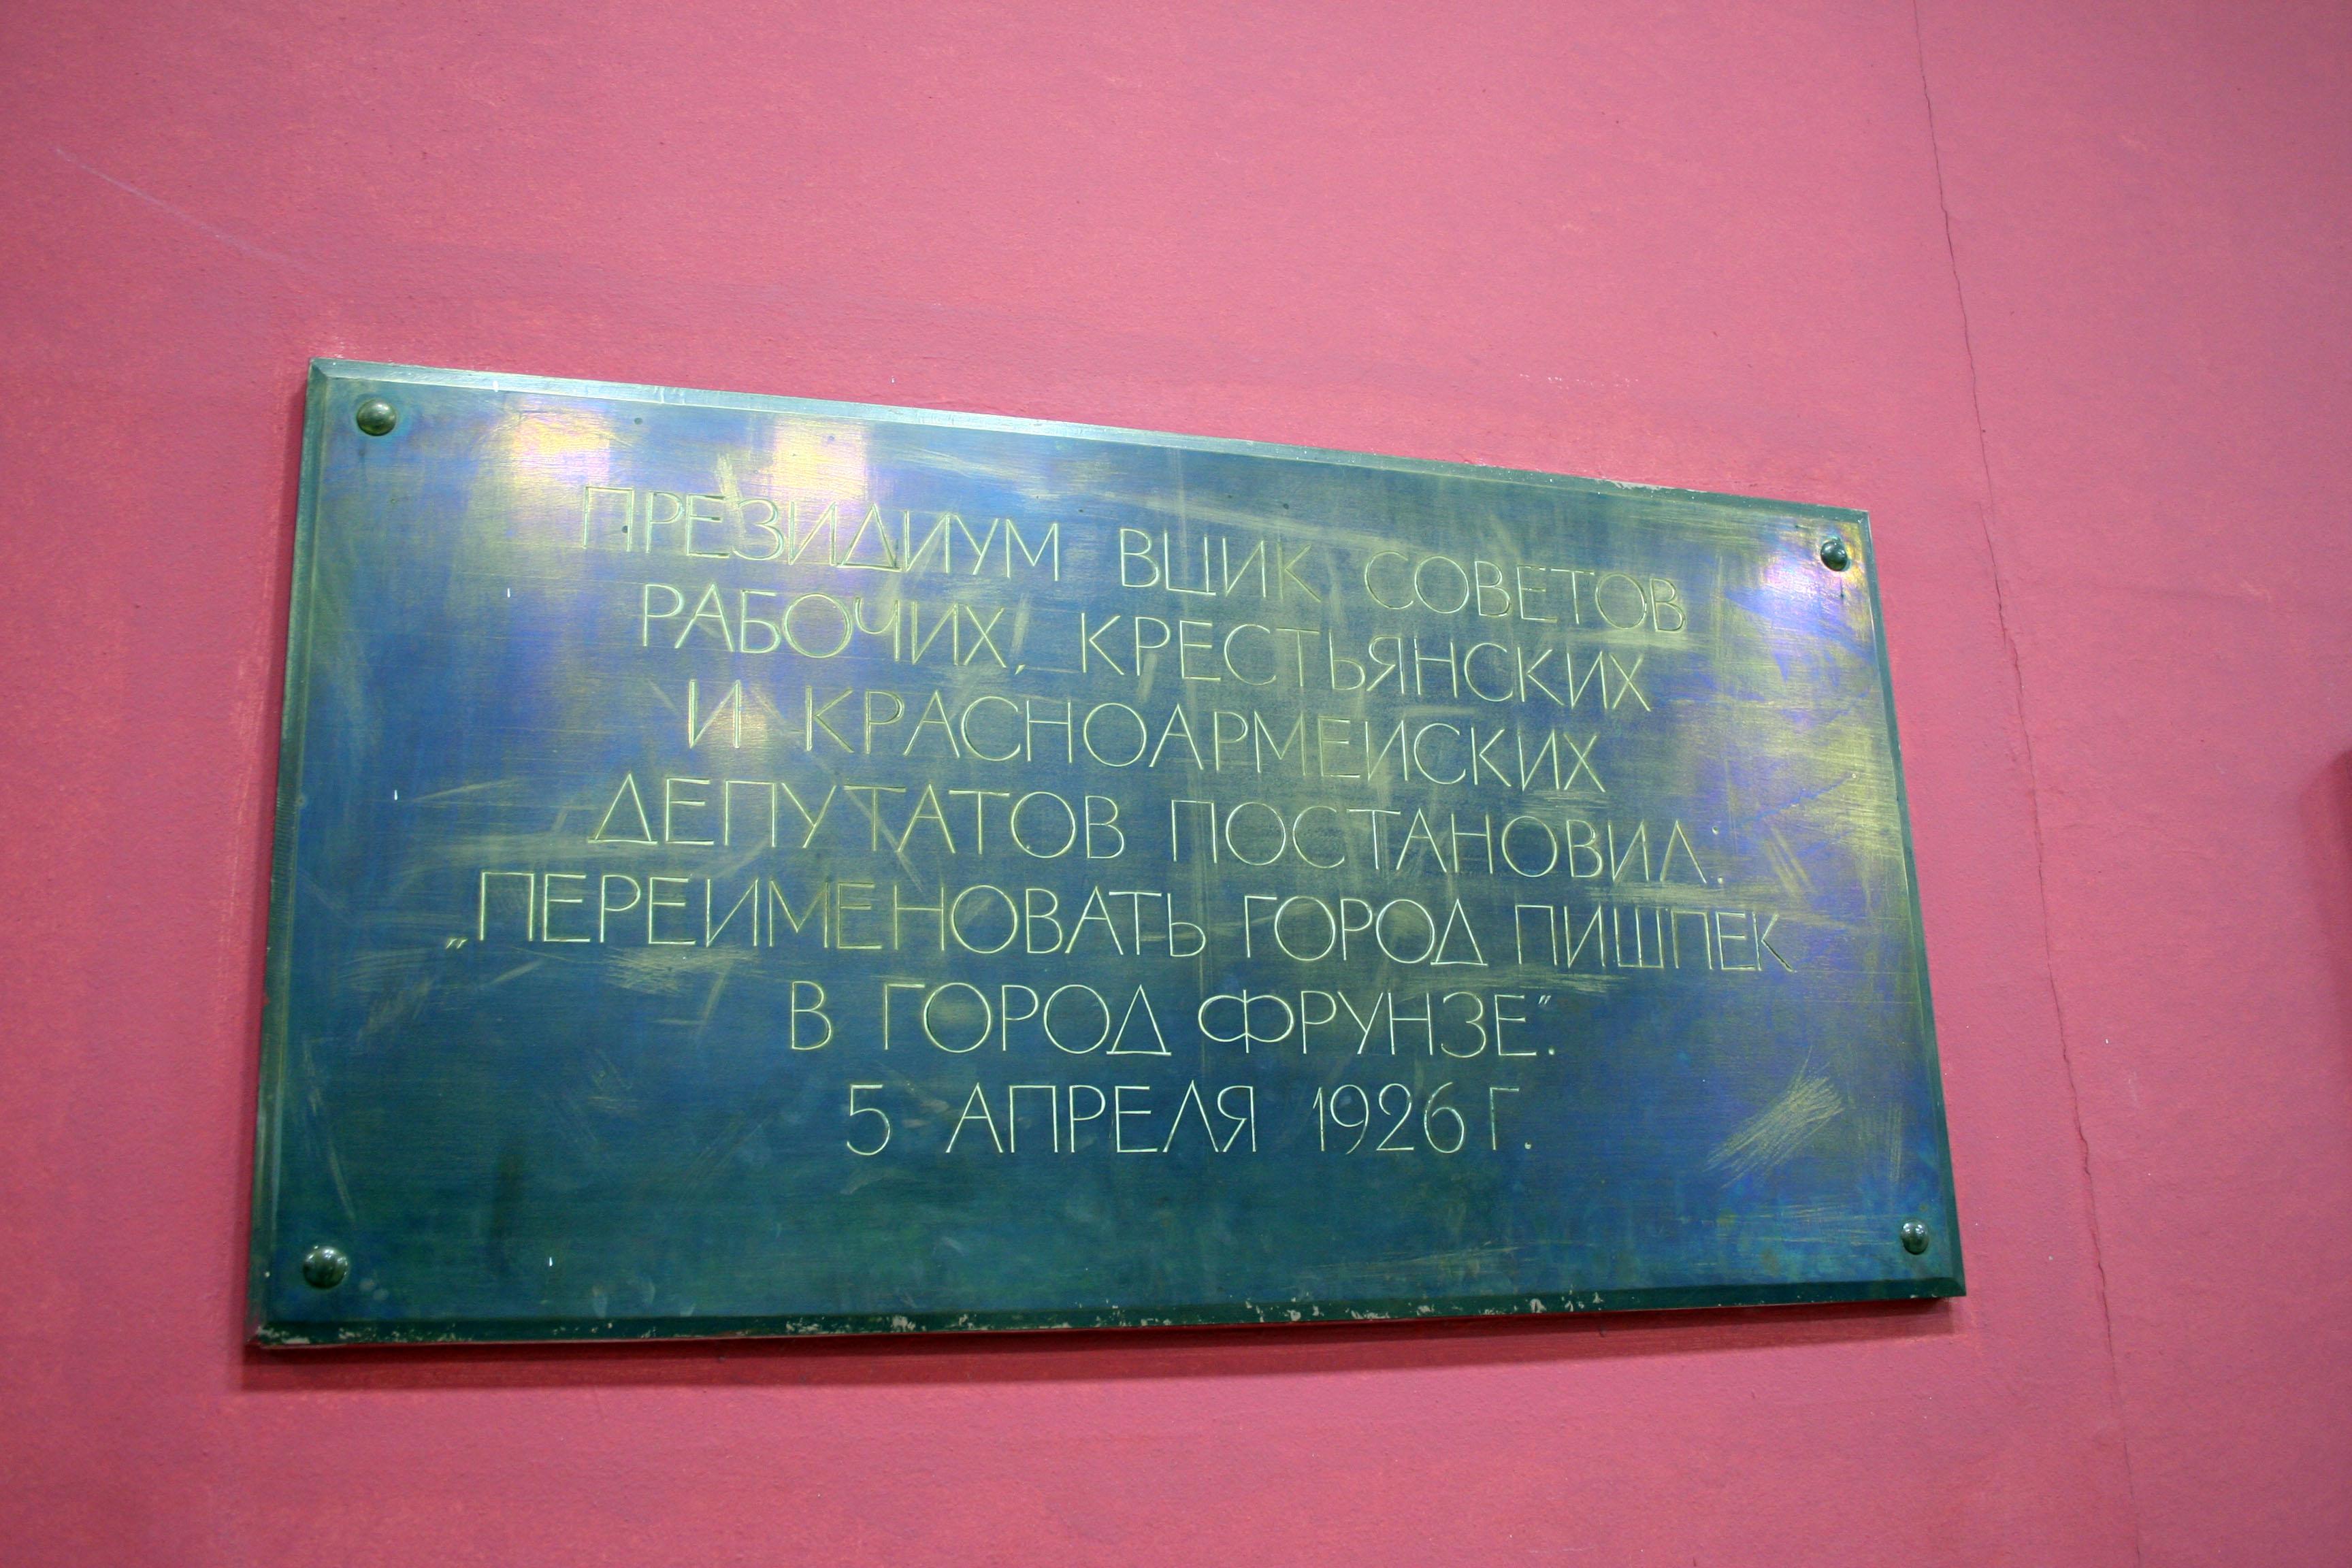 Дому Михаила Фрунзе 140 лет. Какие тайны хранит этот исторический объект?